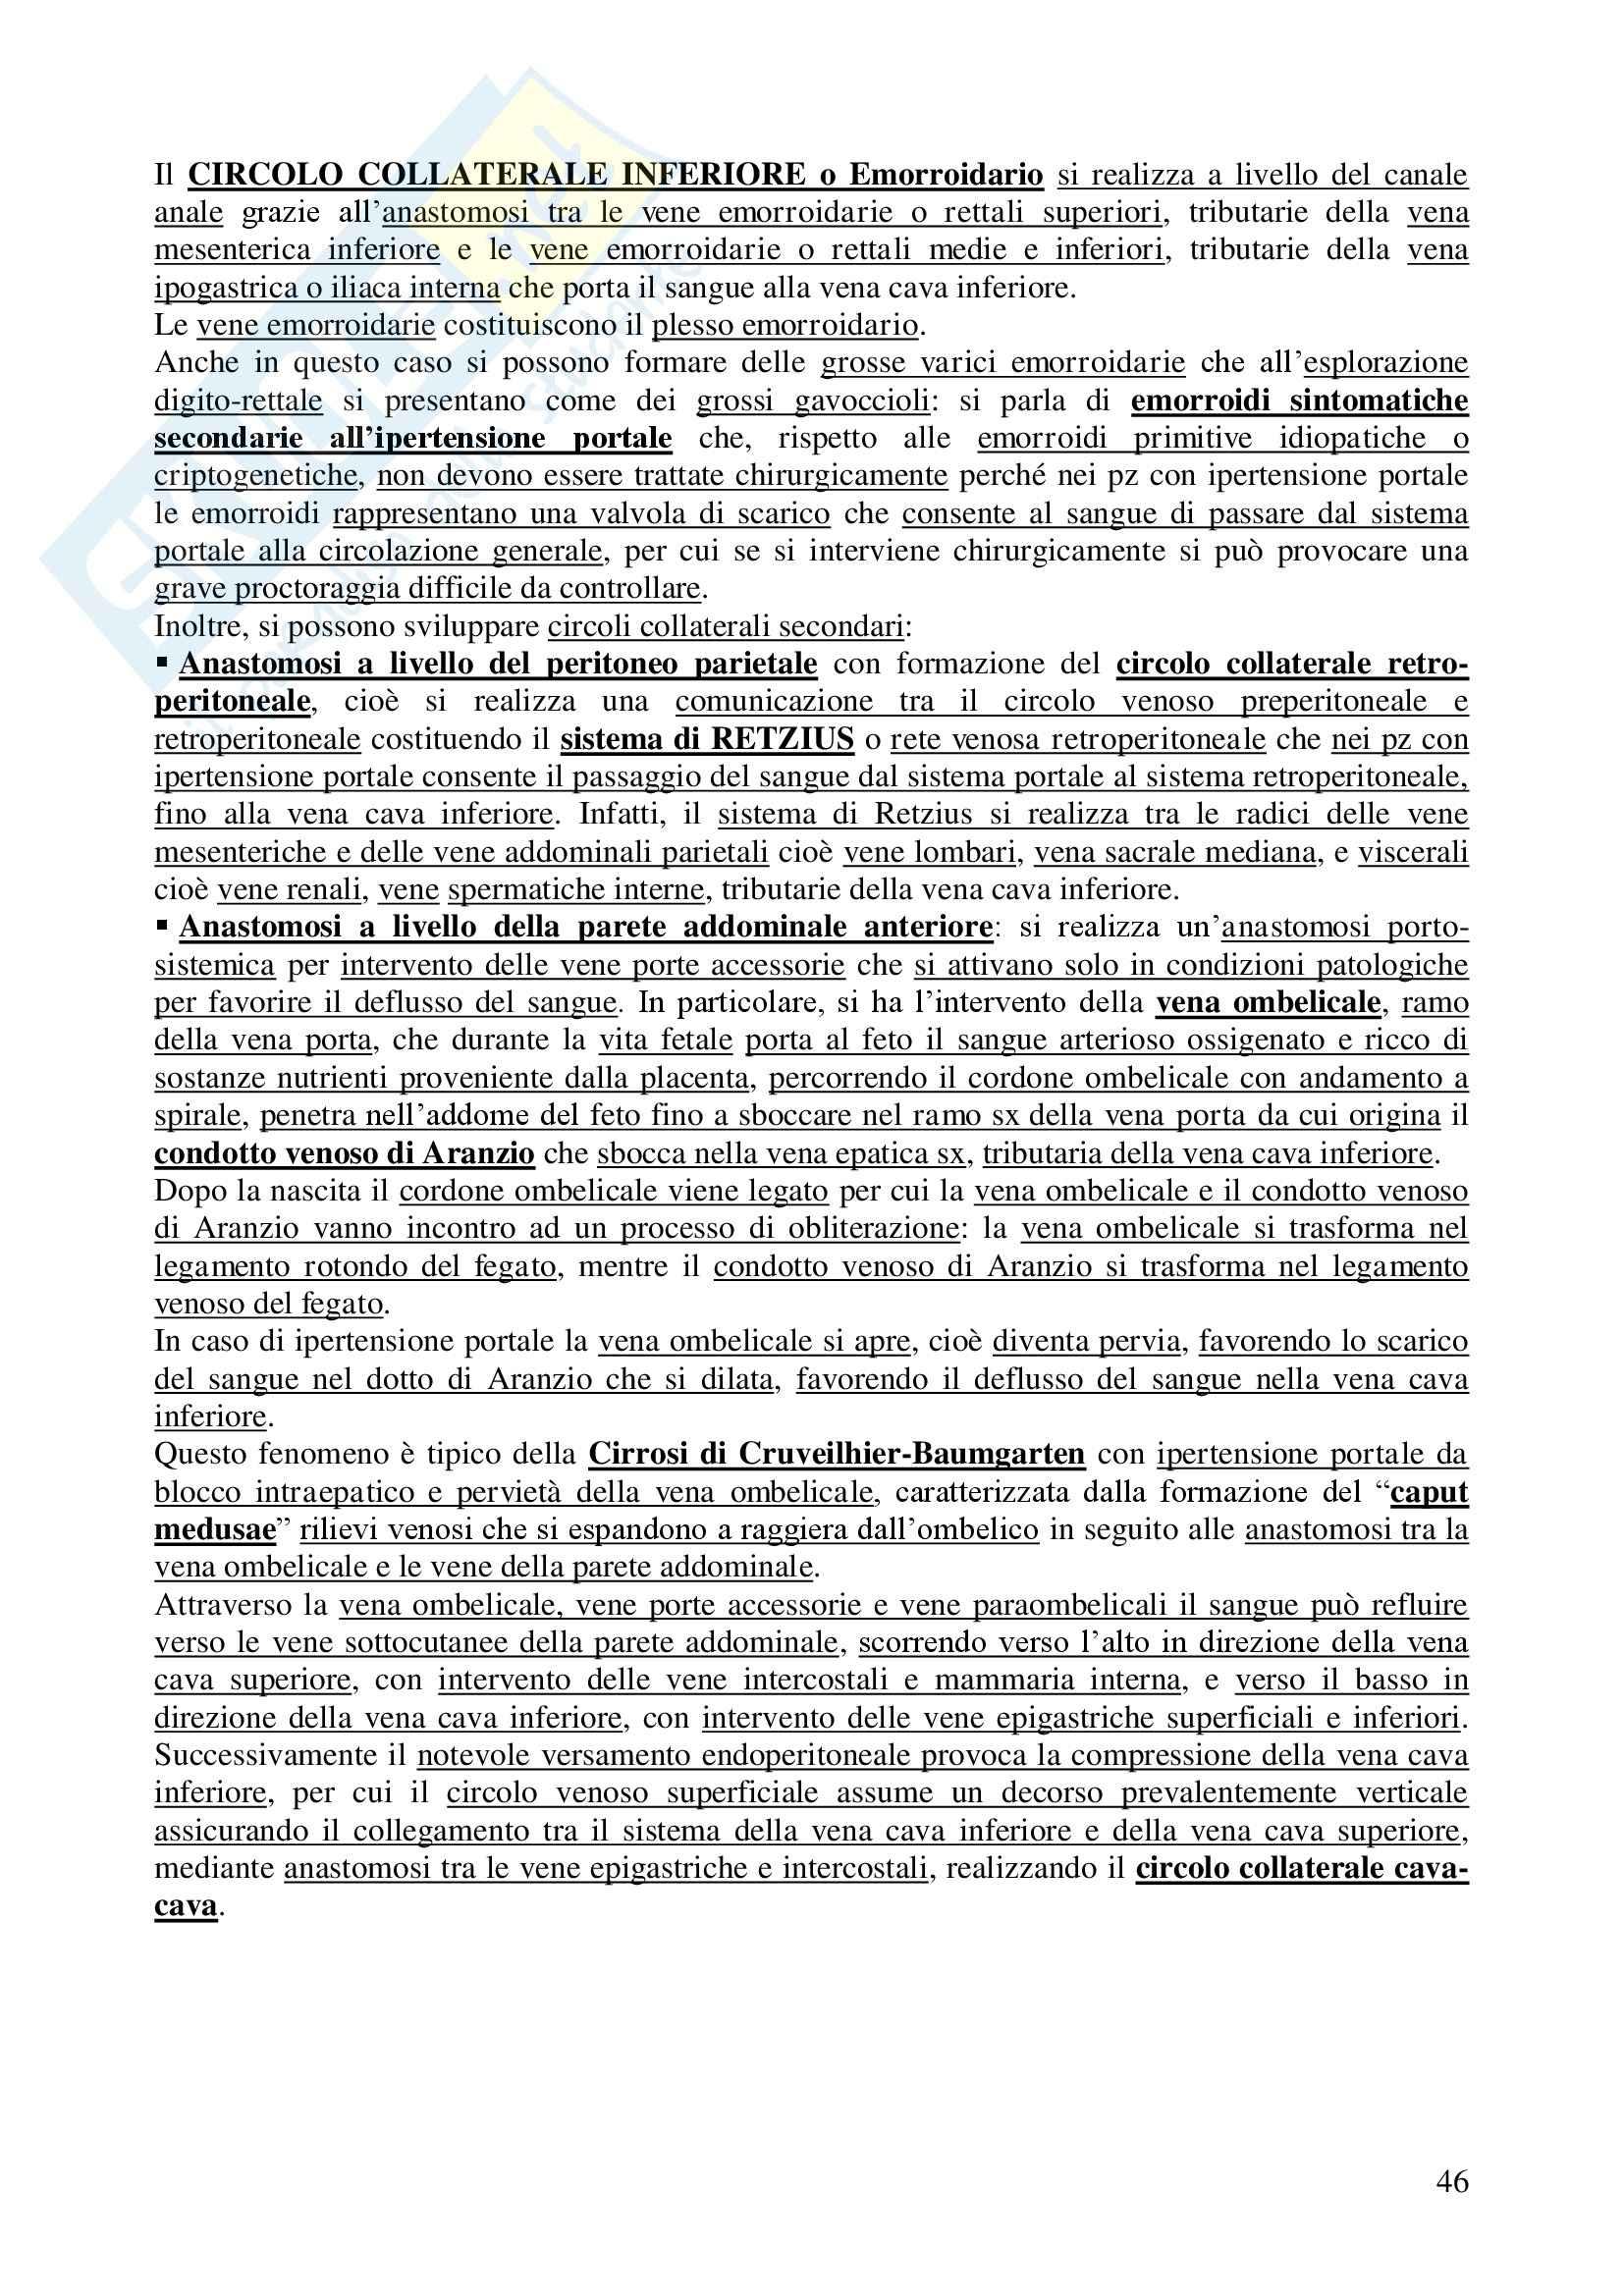 Chirurgia - chirurgia generale - Appunti Pag. 46